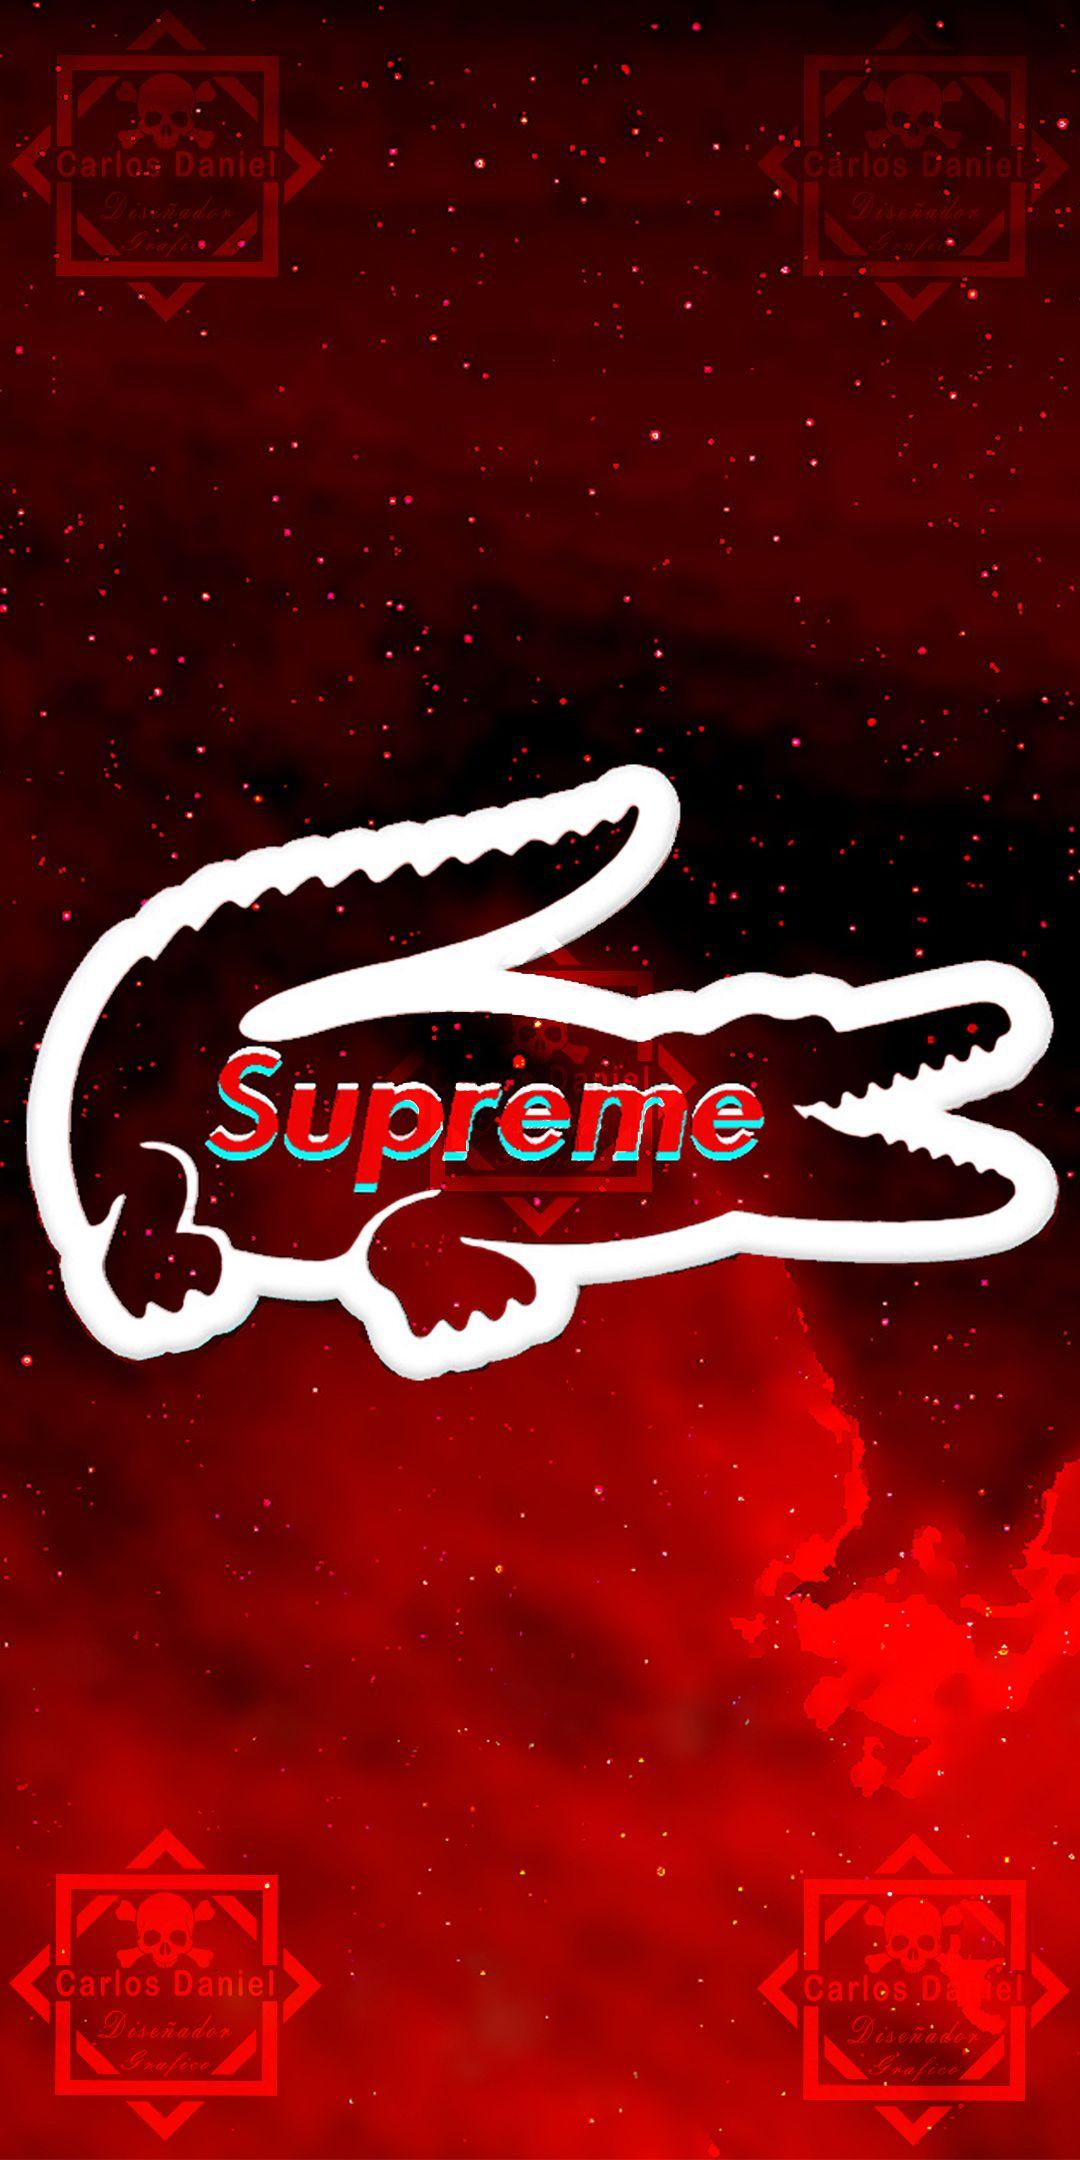 Lacoste Supreme Fond D Ecran Lacoste Fond D Ecran Telephone Fond D Ecran Dessin